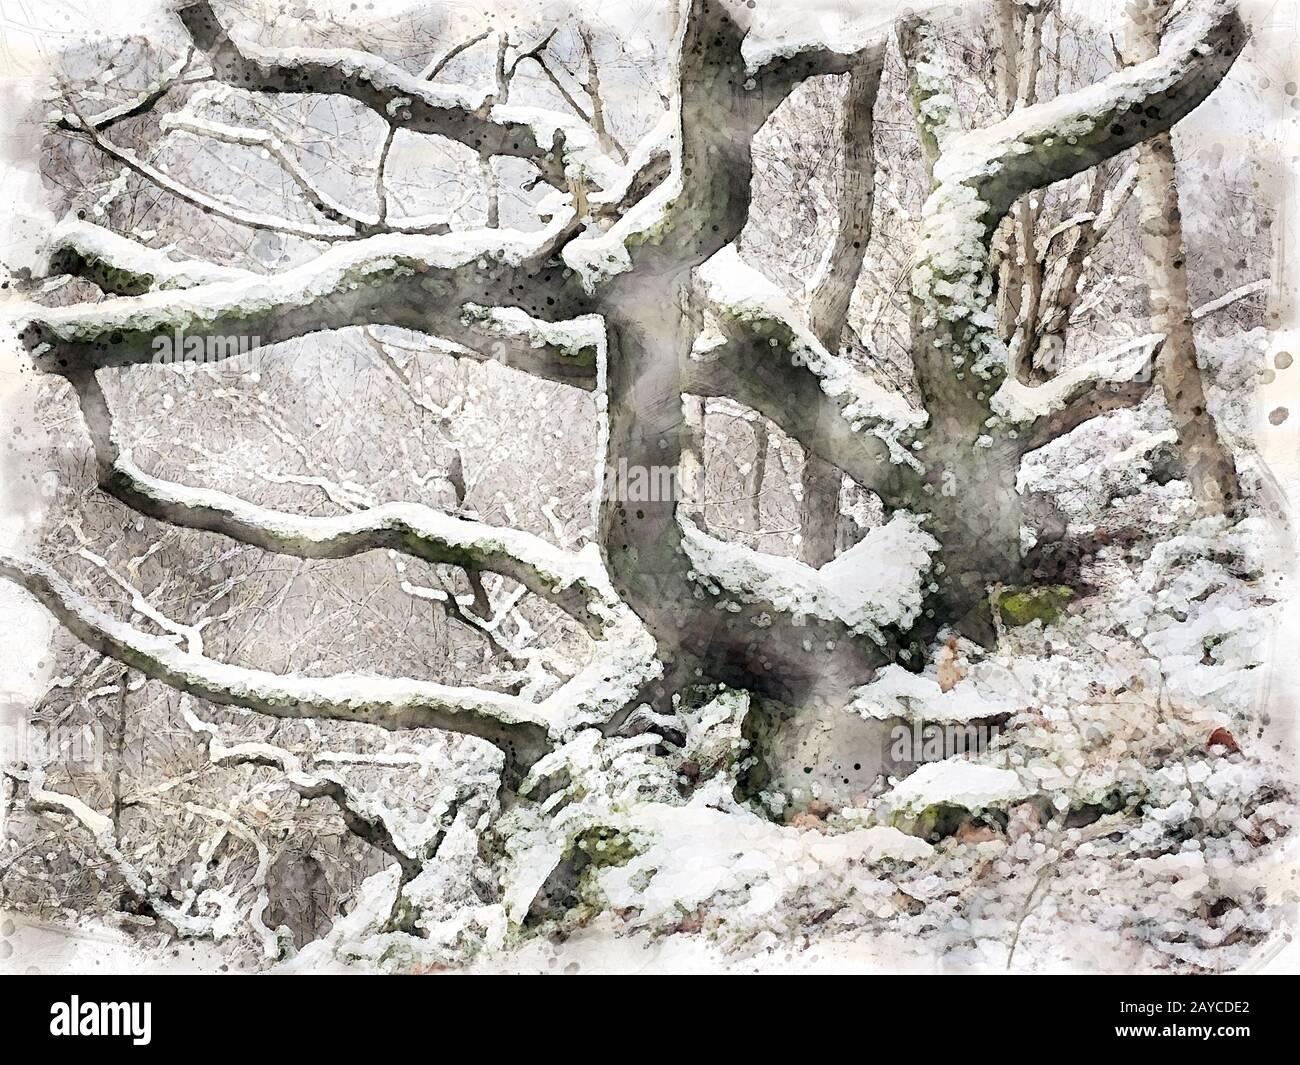 peinture à l'aquarelle de neige couvrant des arbres et branches d'hiver tordus dans une forêt de coteau Banque D'Images